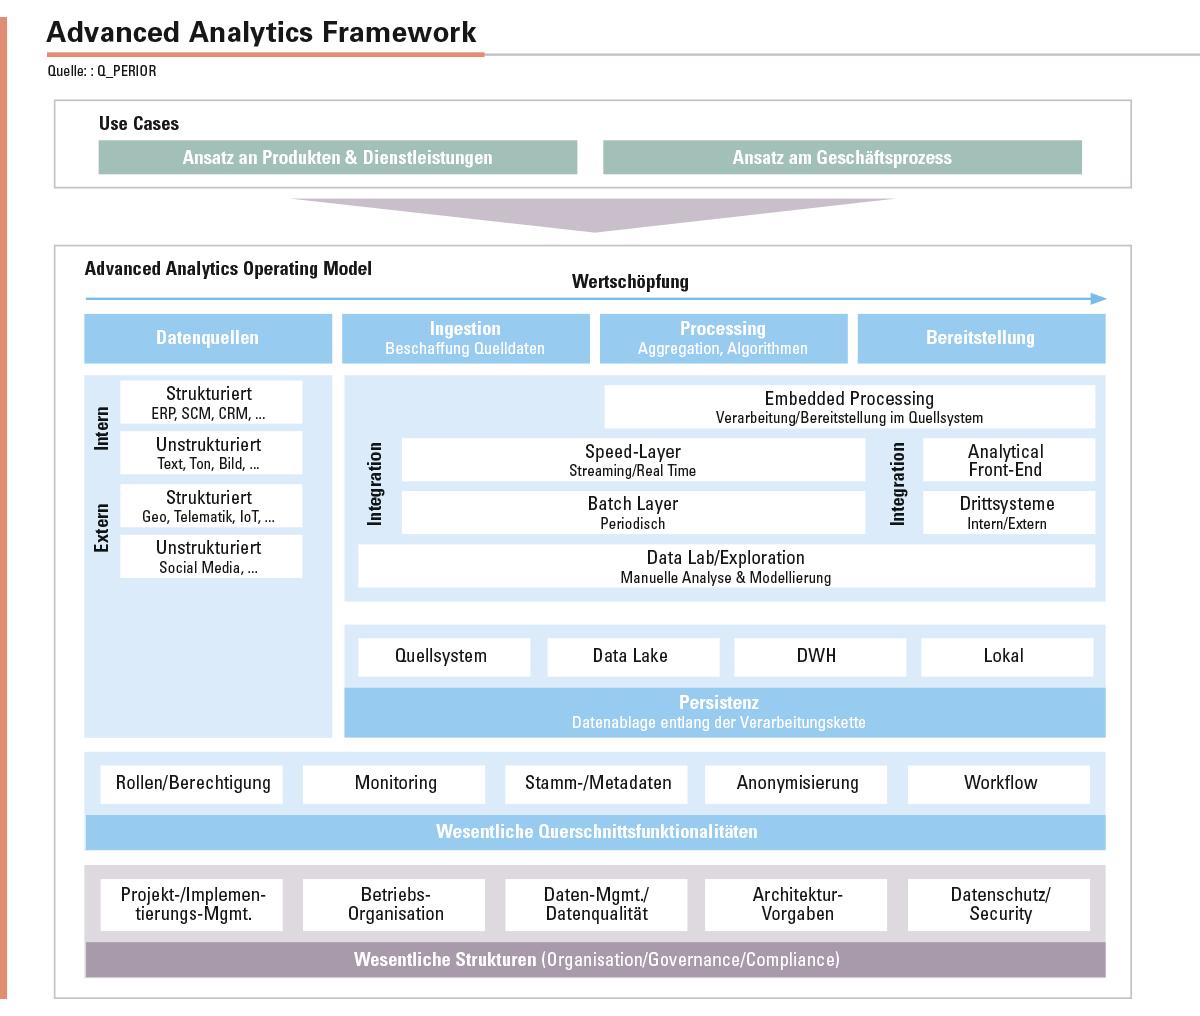 Abbildung: Im Advanced Analytics Operating Model wird der Rahmen zur Umsetzung der Use Cases festgelegt. Neben der Architektur des Advanced-Analytics-Ökosystems werden auch die notwendigen Unternehmensstrukturen beschrieben. Durch das Framework wird das Operating Model in einzelne Building Blocks untergliedert.